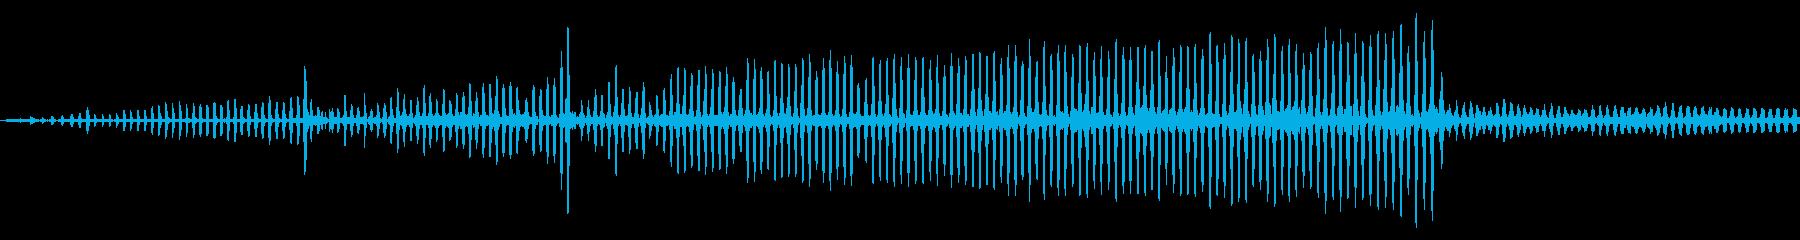 トリリング、スプラッシュ、ライトエ...の再生済みの波形